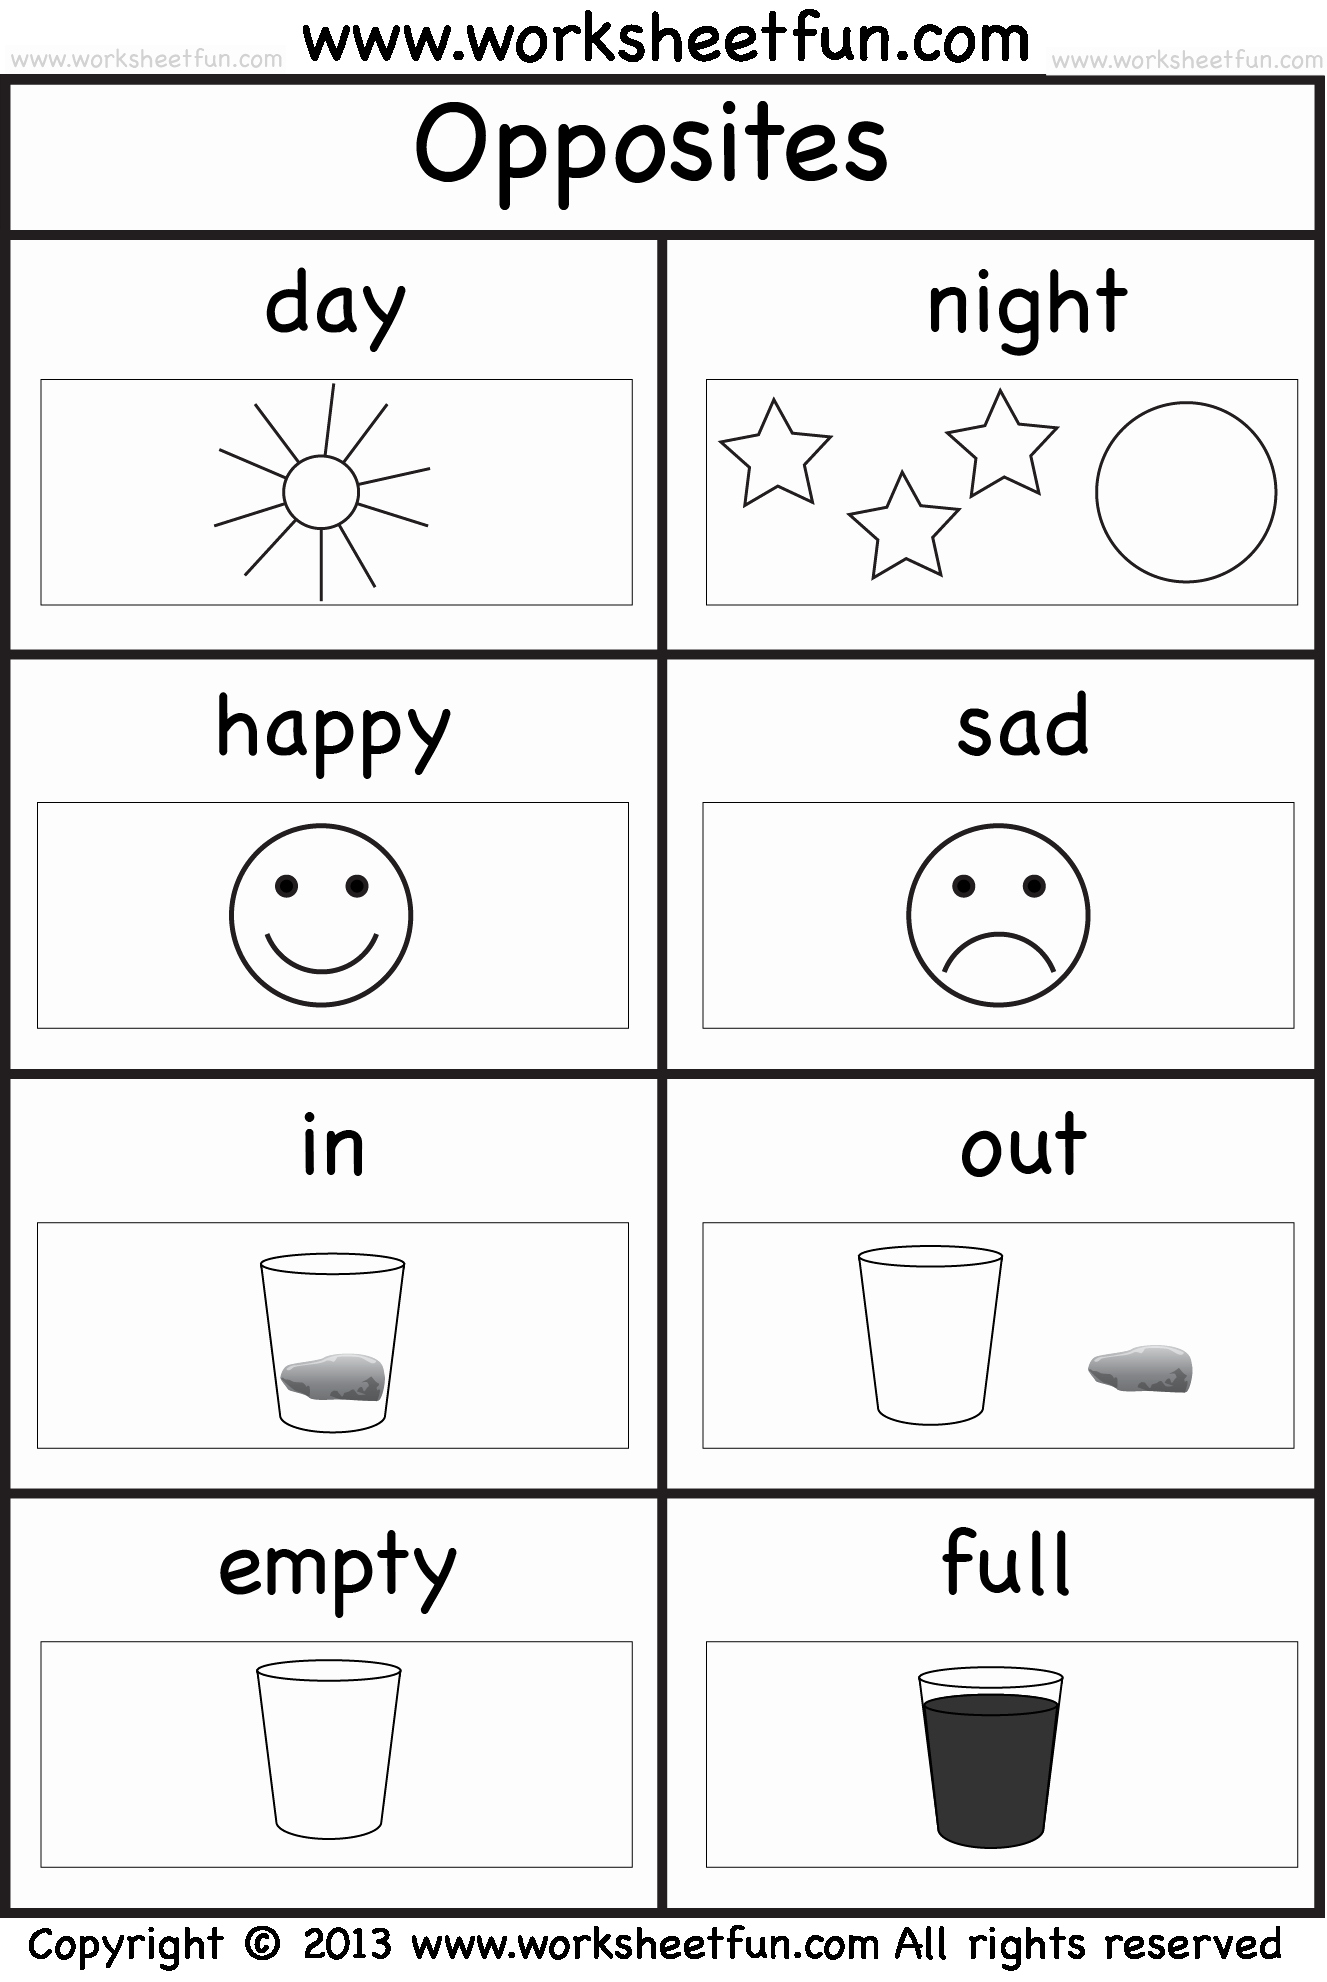 Opposites Worksheet for Preschool Awesome Opposites – 2 Worksheets Free Printable Worksheets